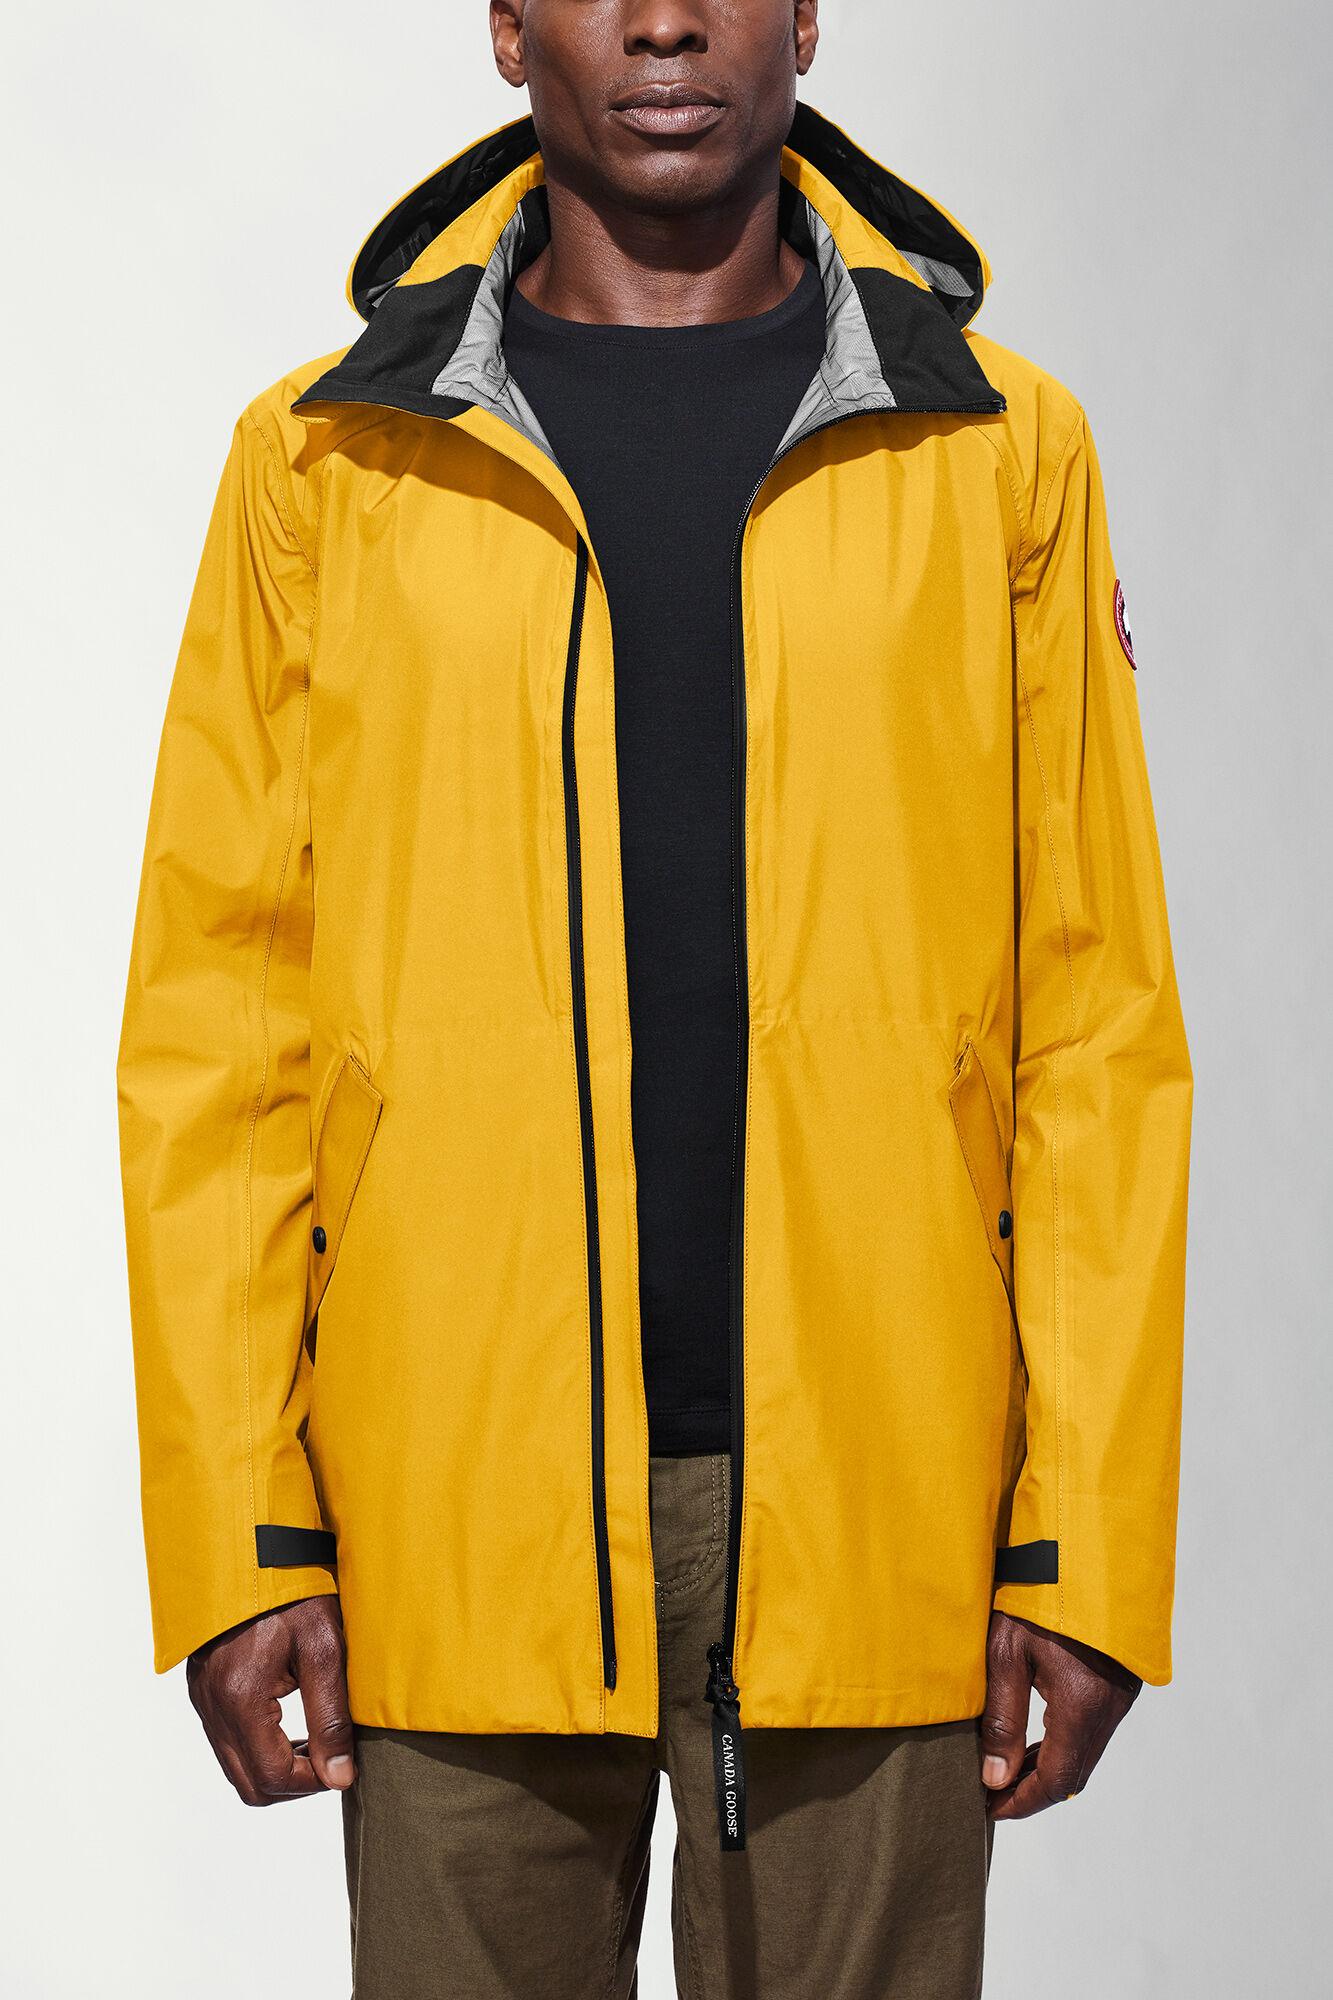 Where Can I Buy Canada Goose Rain Jacket 1caa8 3c7a3